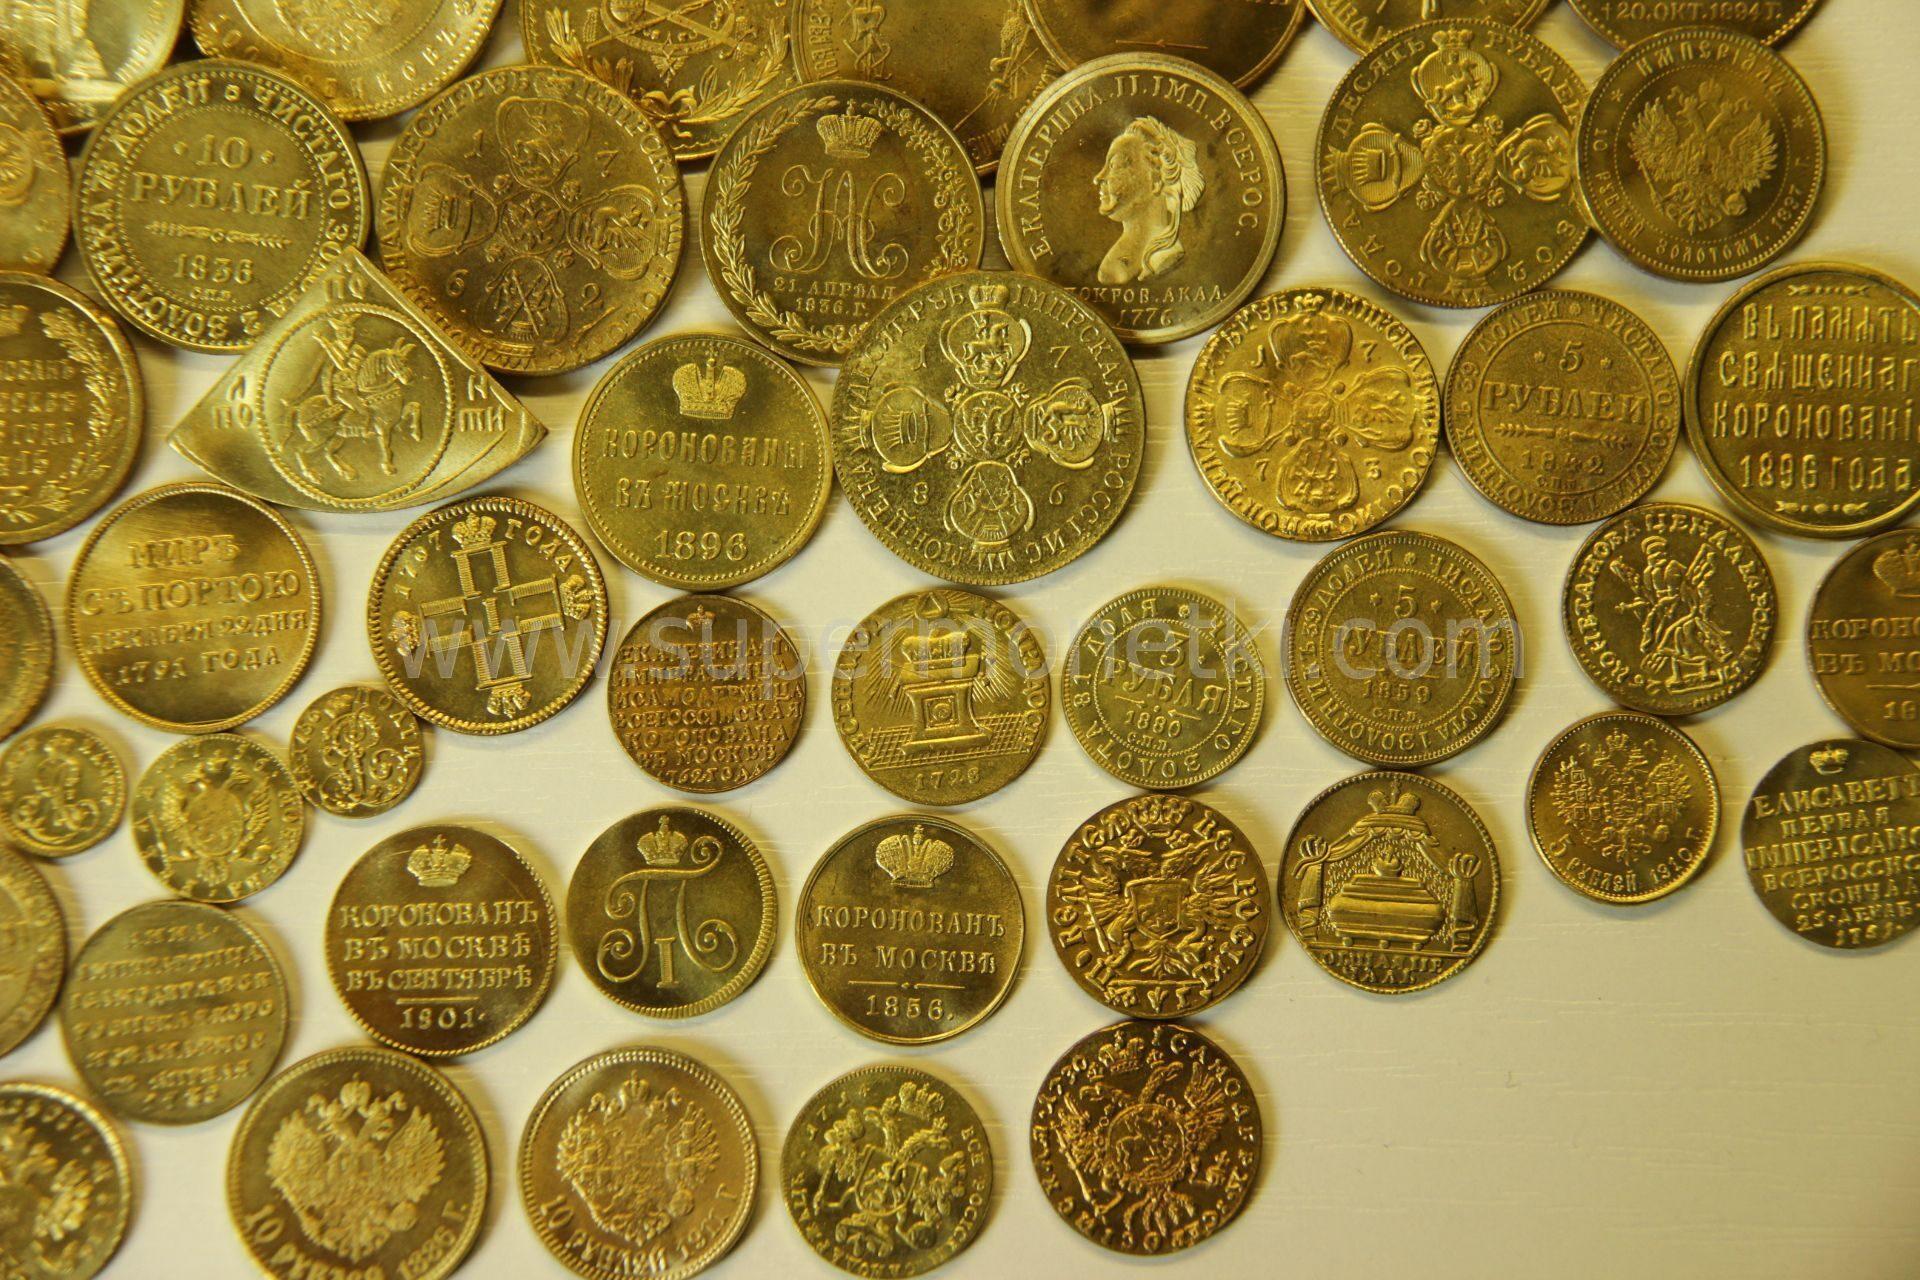 Монеты царской россии с 1700 экономика стран евросоюза